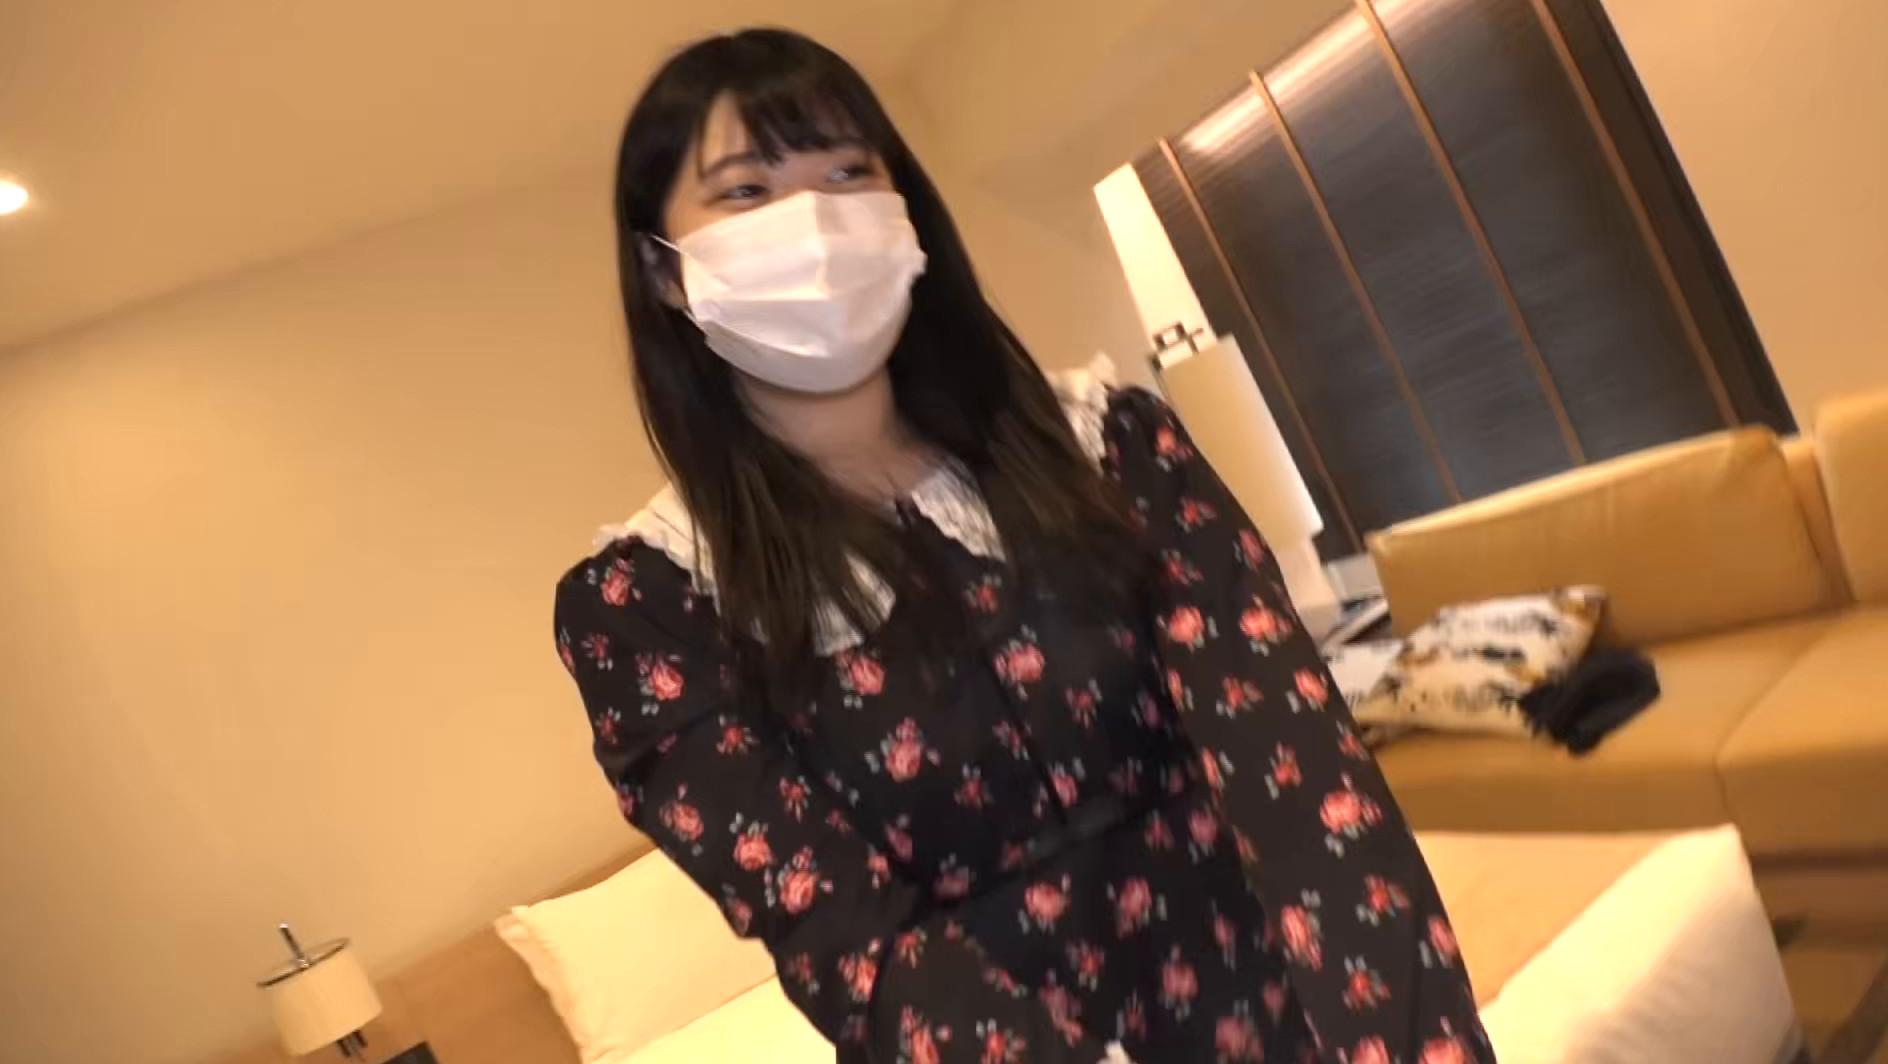 マスク着用を条件に自宅でエッチな撮影を了承してくれた普通の女子大生 ももちゃん 22歳,のサンプル画像2